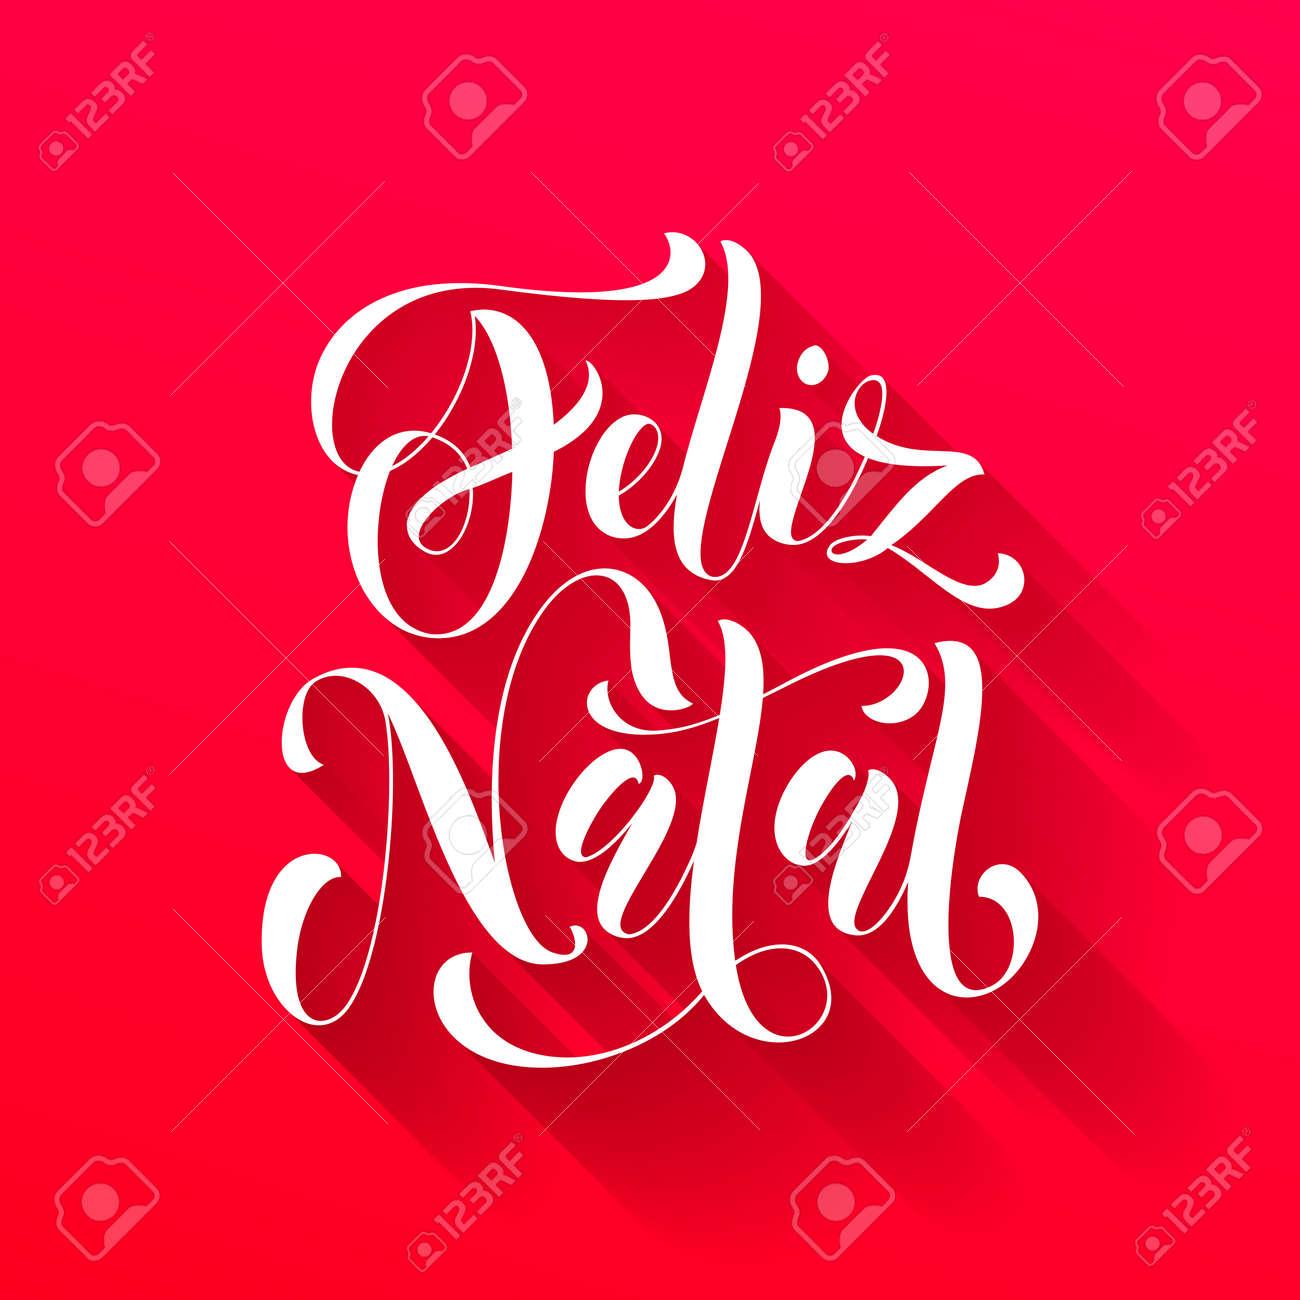 Feliz Navidad En Portugues Brasil.Feliz Saludo Para El Portugues Brasileno Ano Novo Feliz Navidad Navidad Ano Nuevo Tarjeta De Vacaciones Natal Vectores Dibujados A Mano Texto